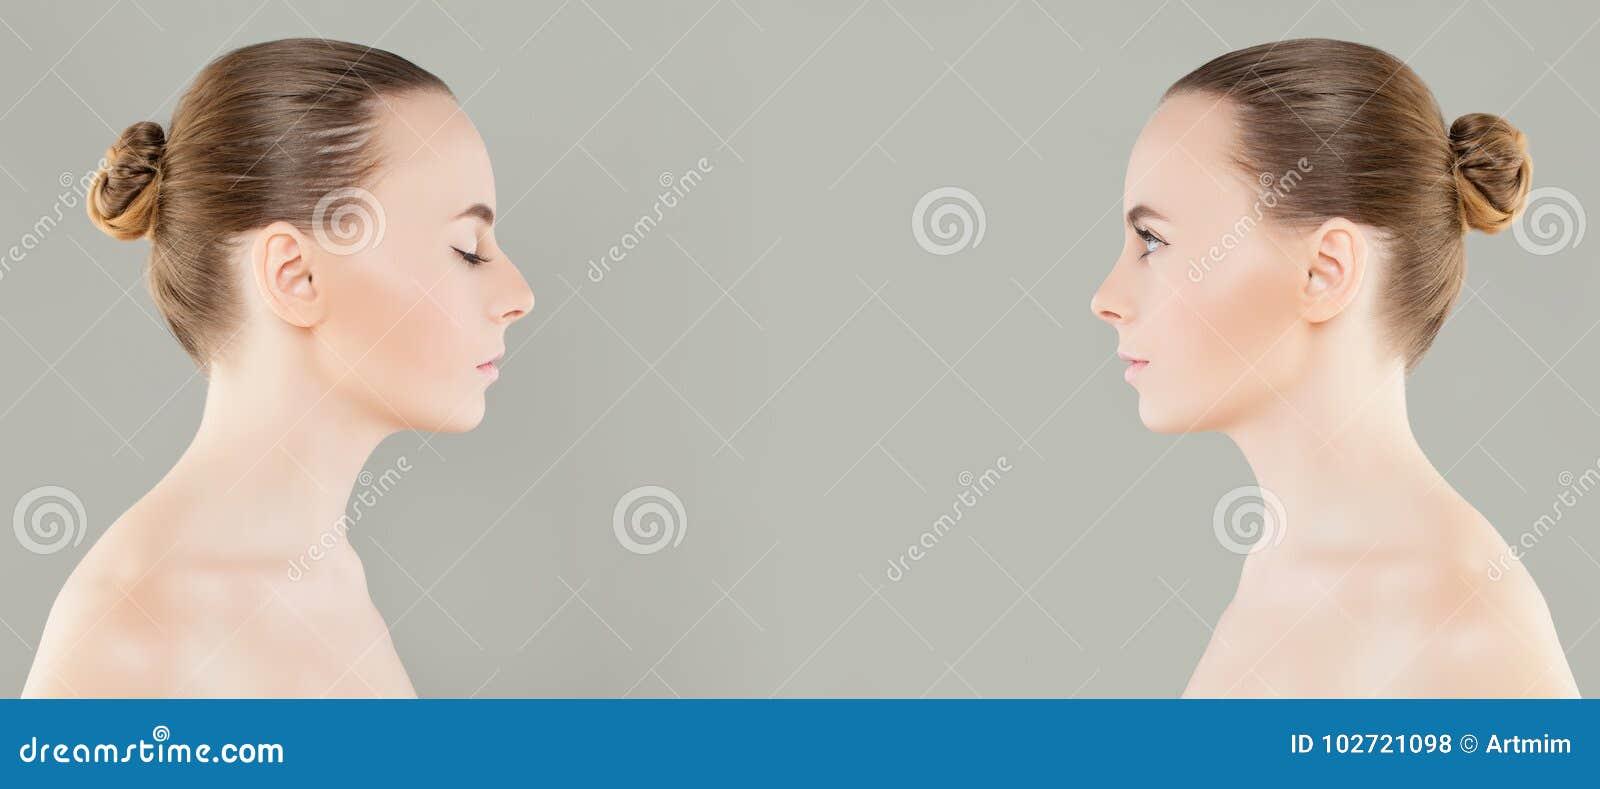 Żeński nos Przed i po chirurgią plastyczną lub retuszem